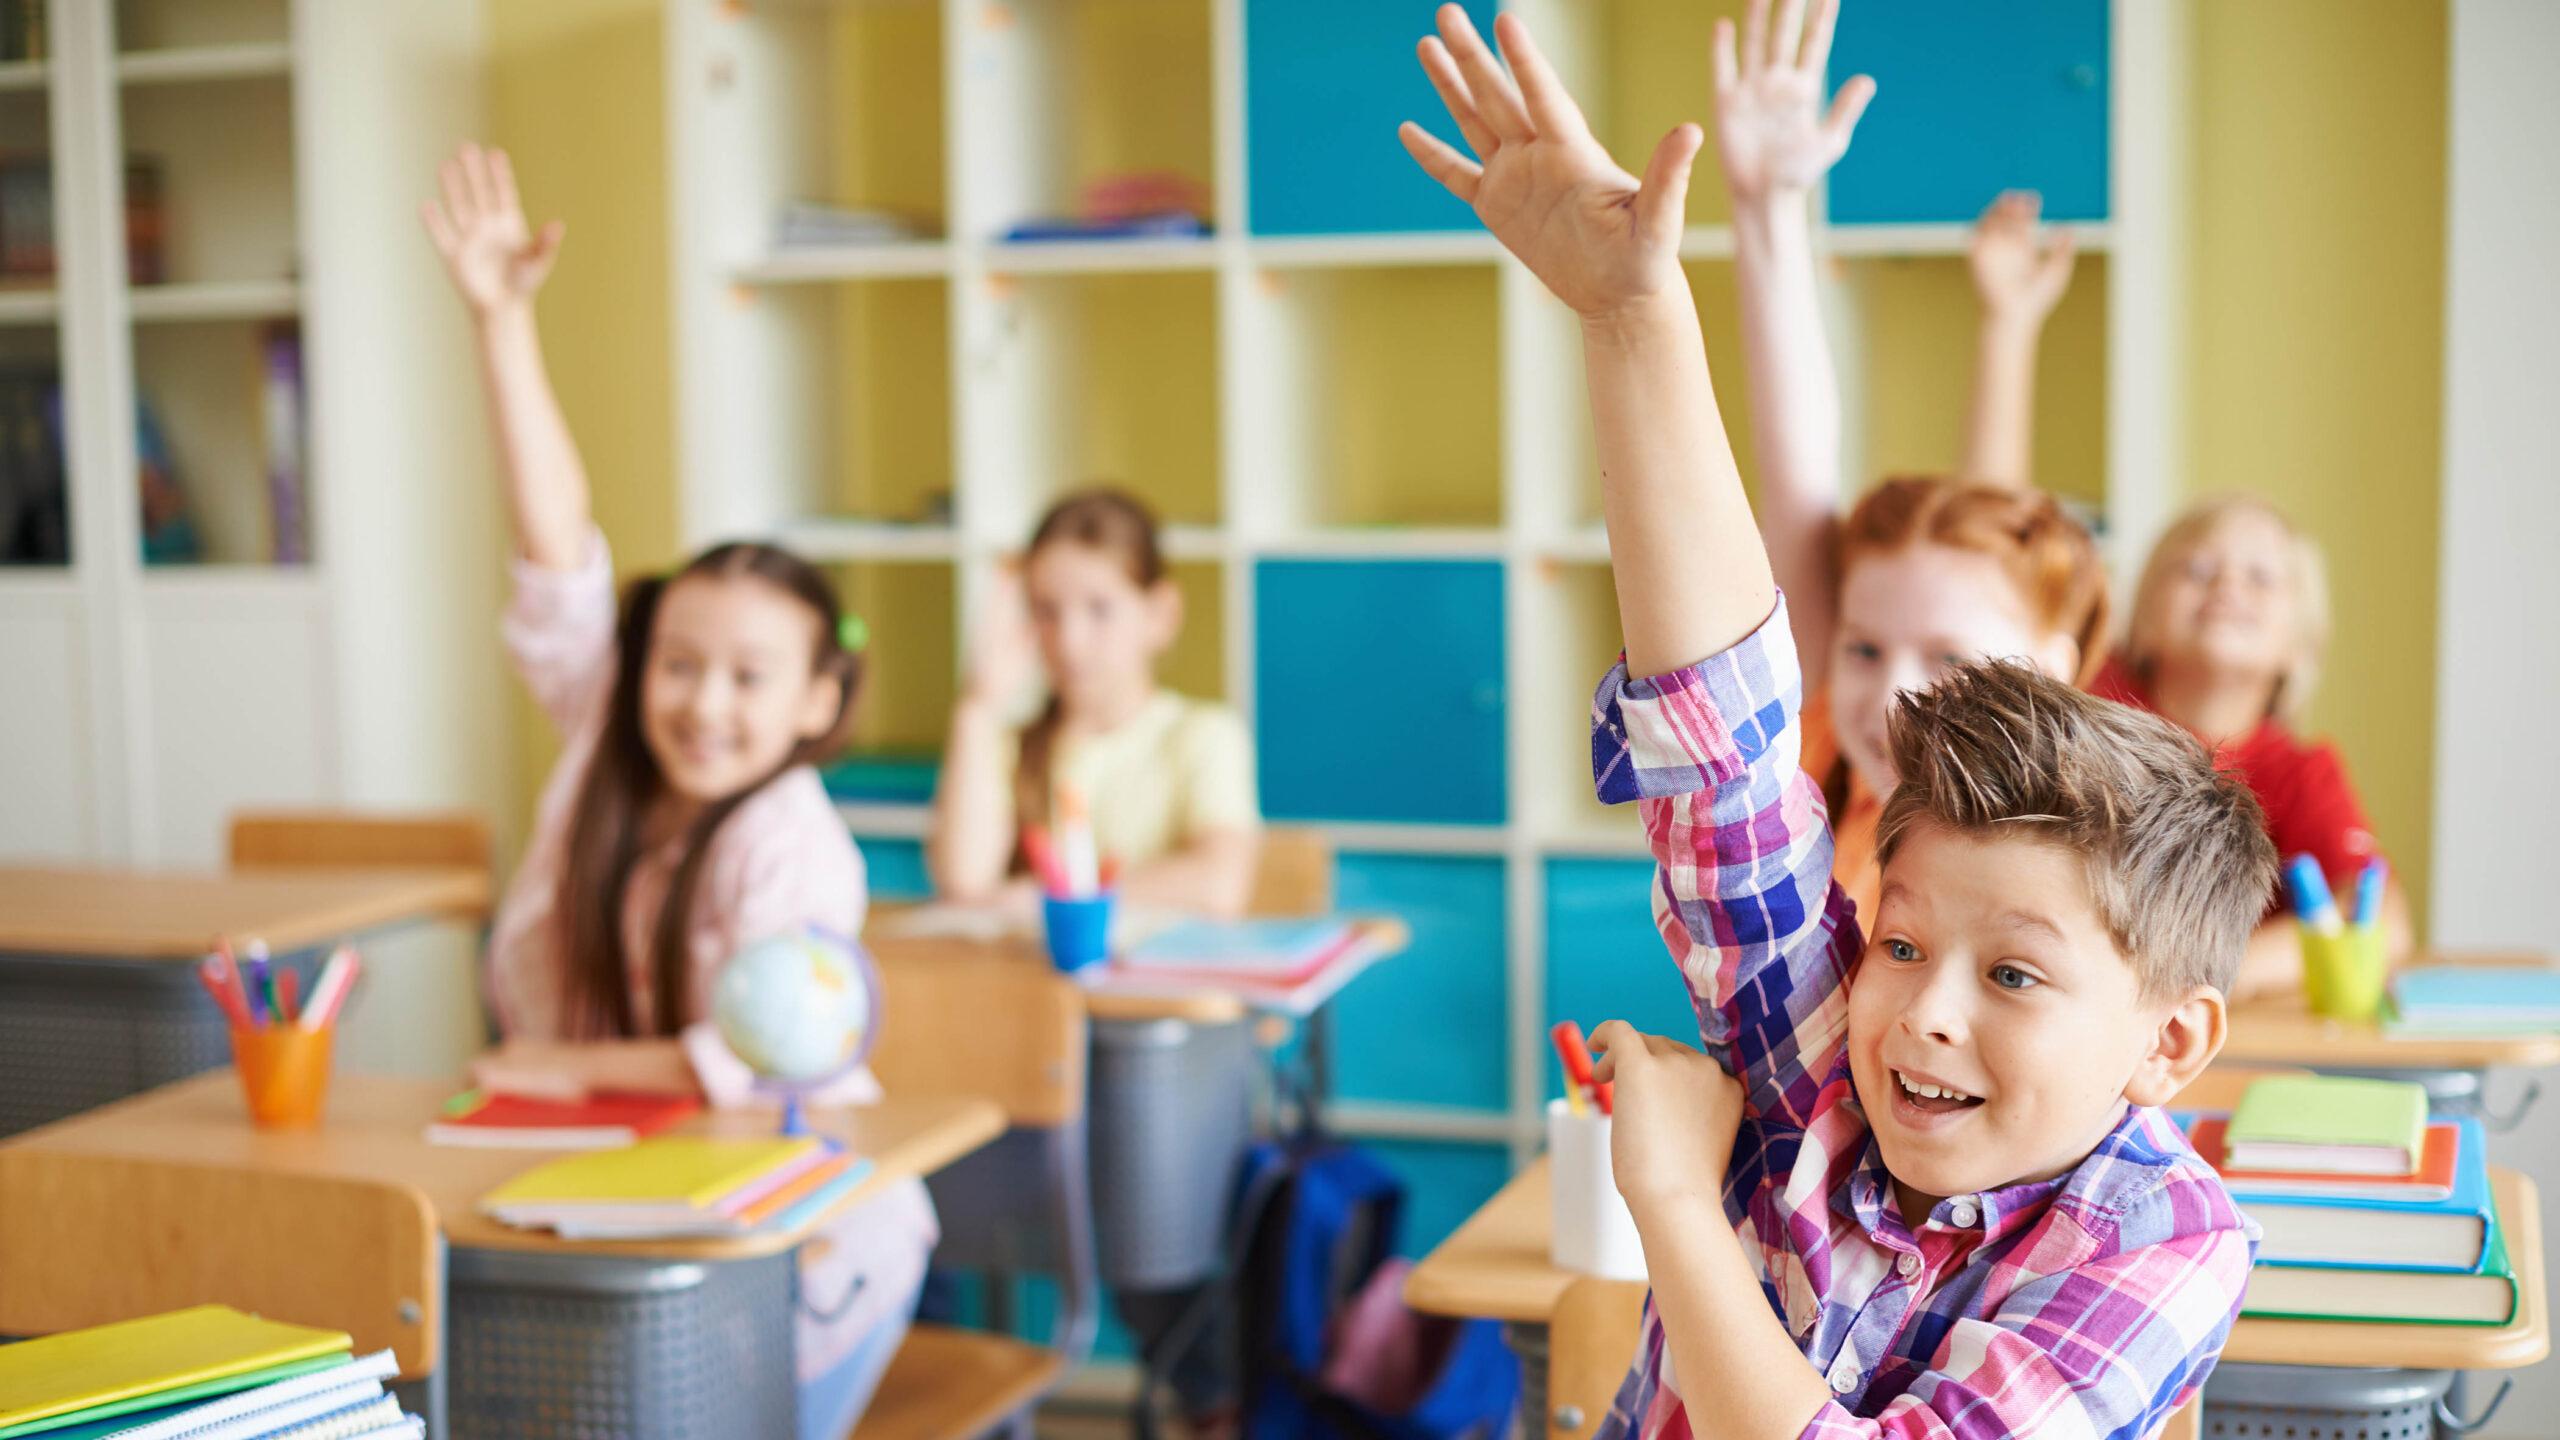 Mehr Lernspaß mit dem richtigen Schulbedarf